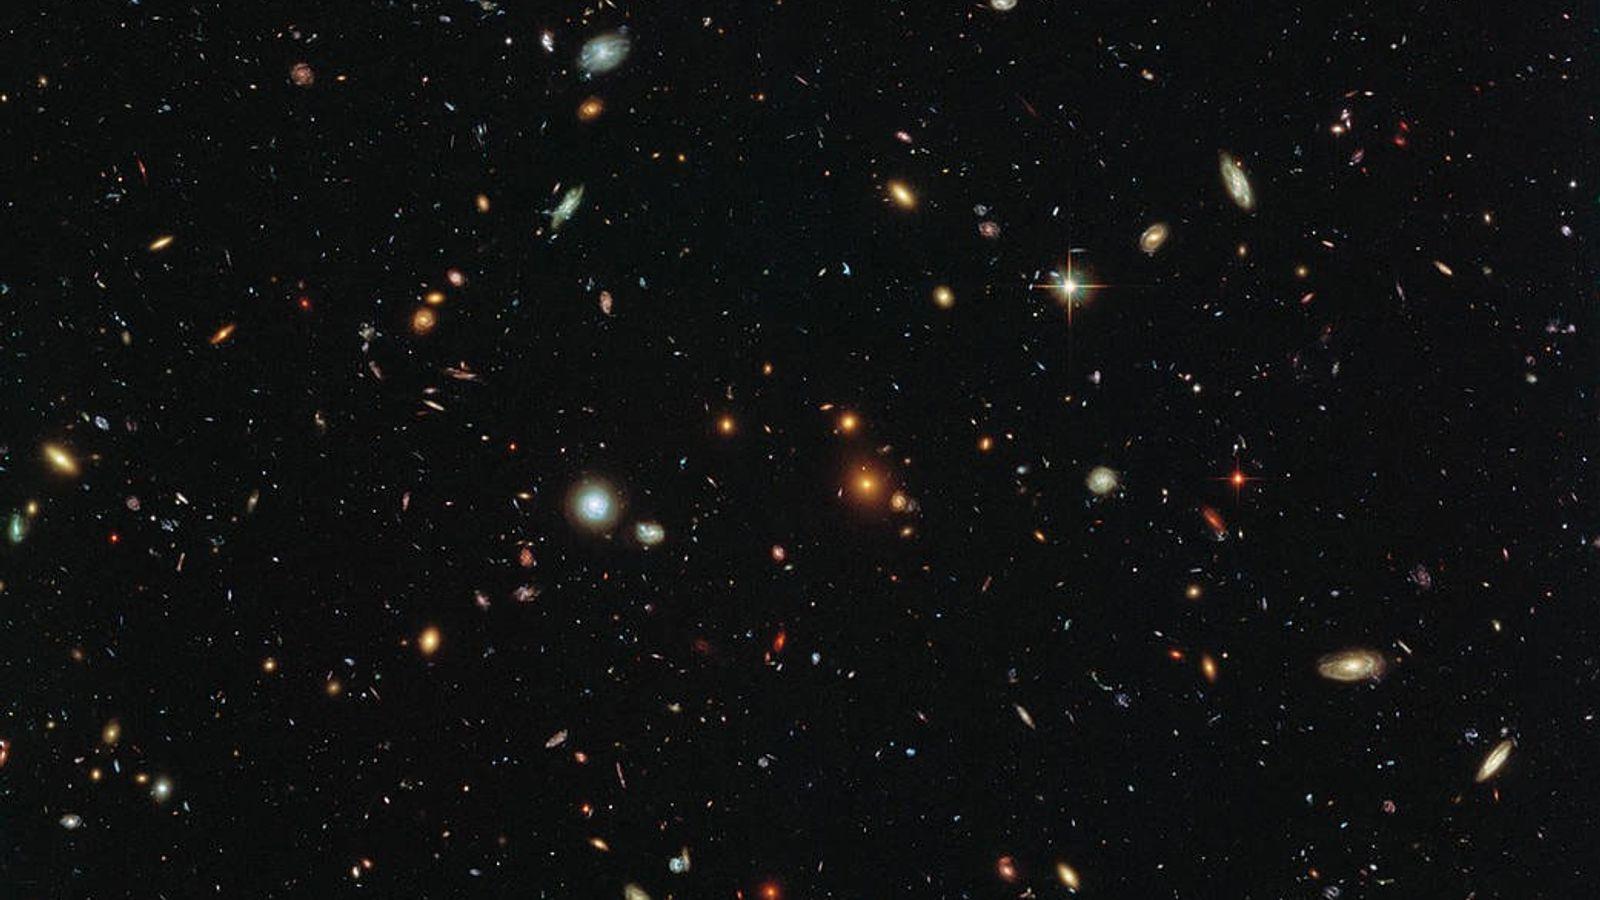 """As galáxias """"sujam"""" o cosmos em uma imagem do universo profundo tomada pelo Telescópio Espacial Hubble. ..."""